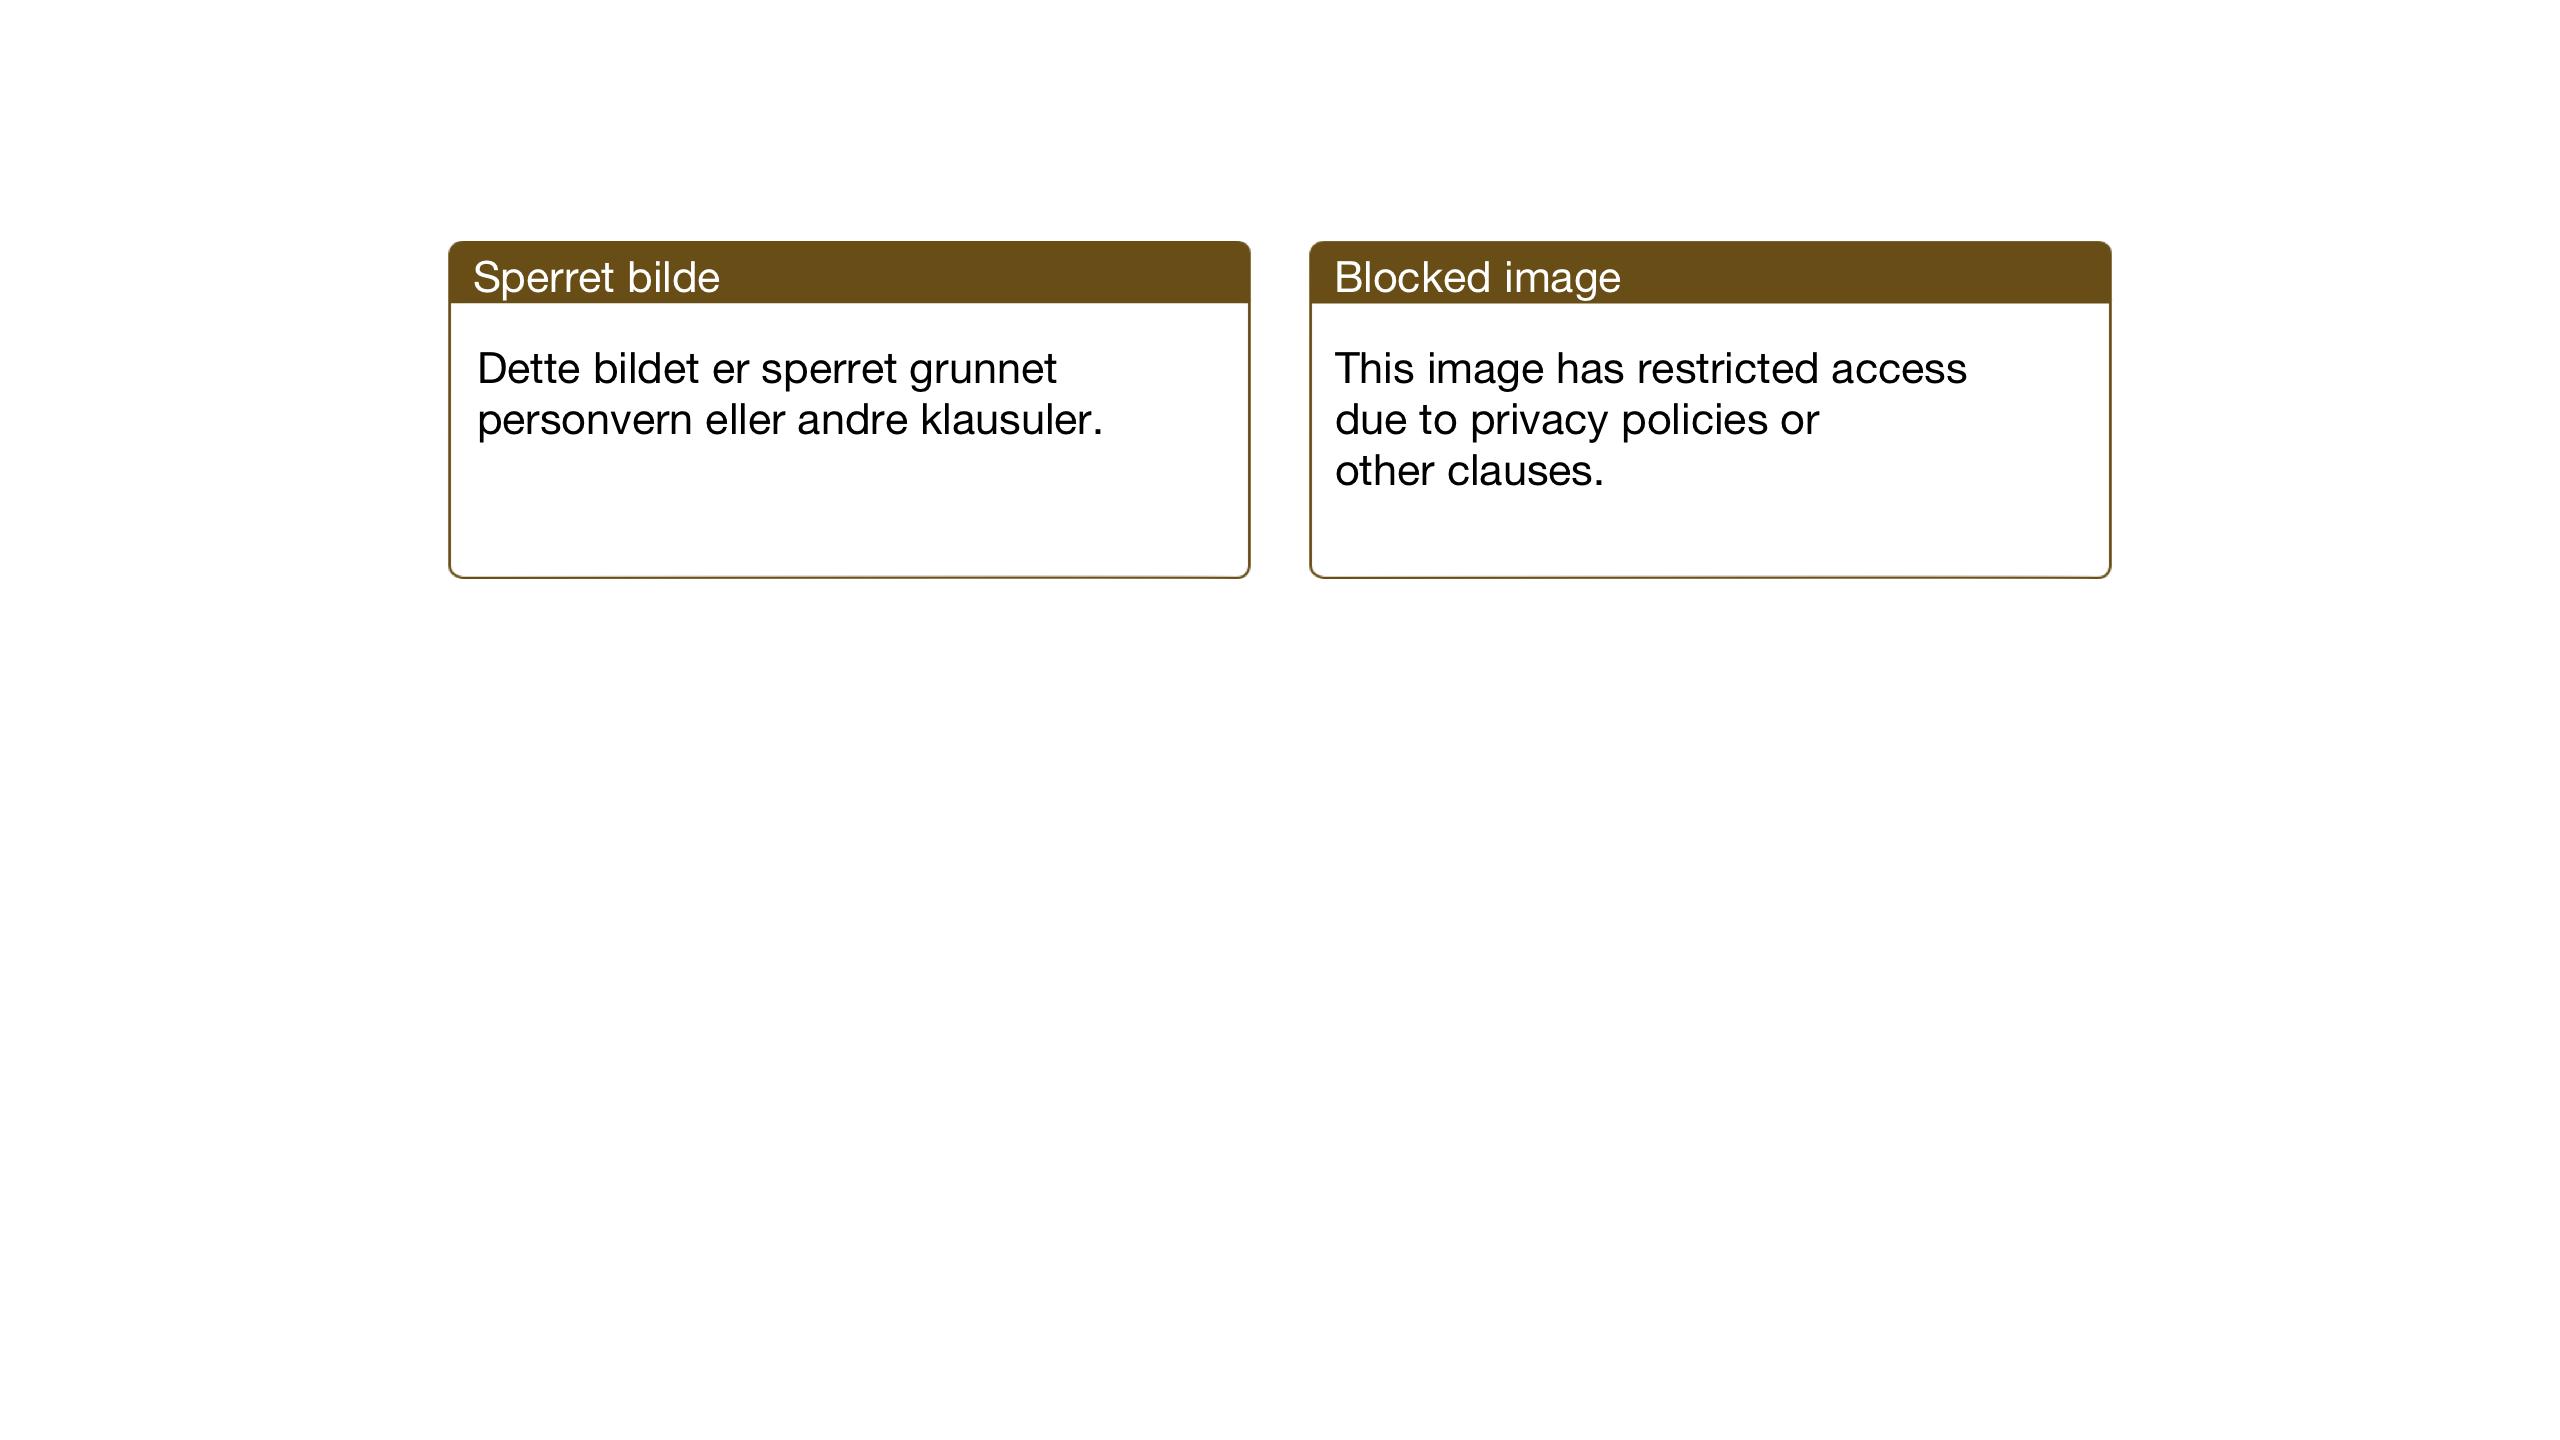 SAT, Ministerialprotokoller, klokkerbøker og fødselsregistre - Sør-Trøndelag, 602/L0151: Klokkerbok nr. 602C19, 1925-1951, s. 85